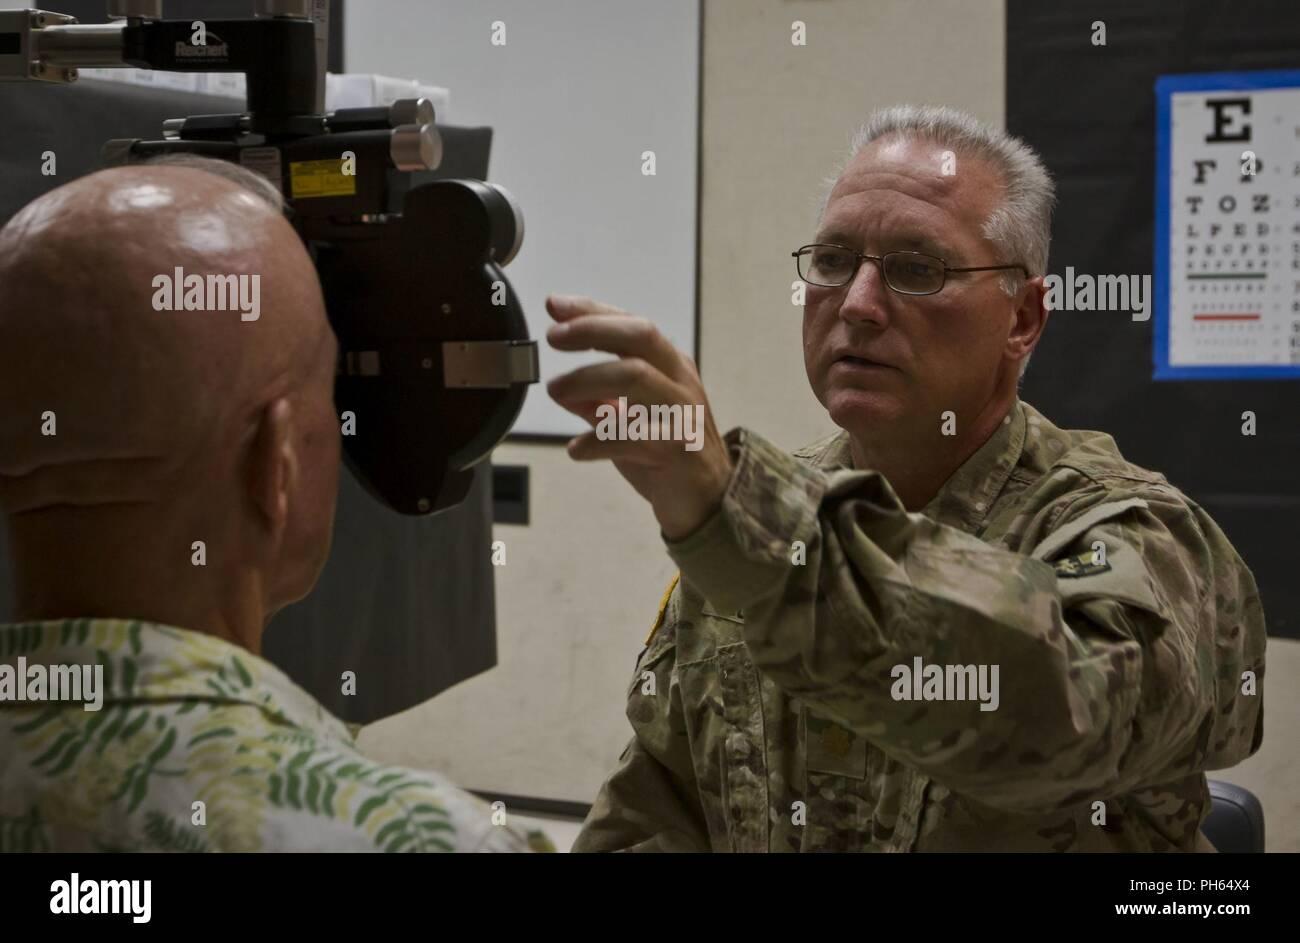 e054fc762e5 Army Medical Exam Stock Photos   Army Medical Exam Stock Images - Alamy